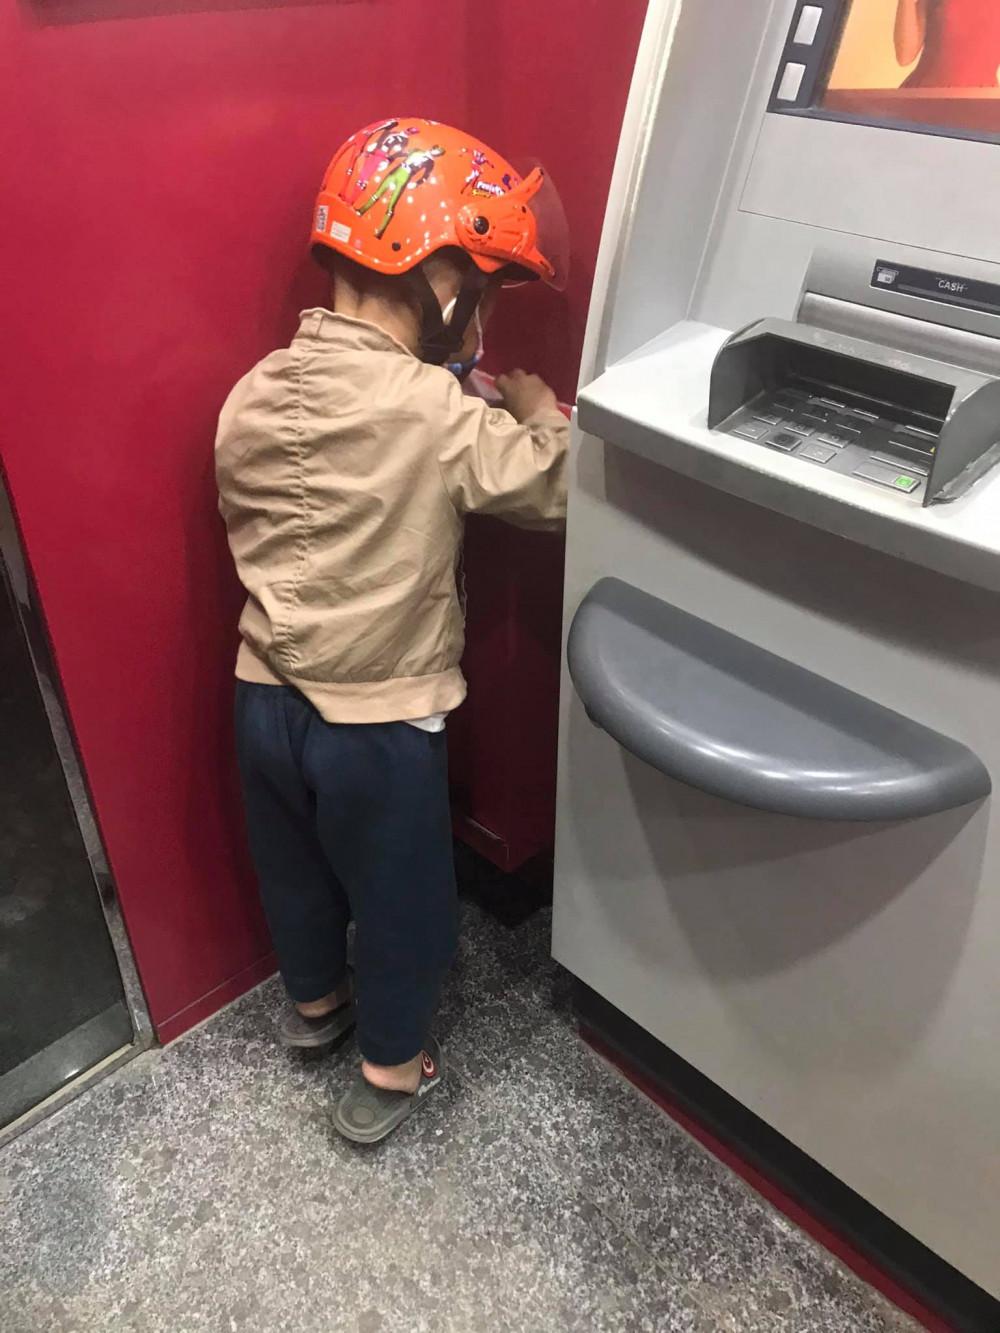 Lý do cậu bé nhặt rác vì không muốn bà quét rác vất vả và